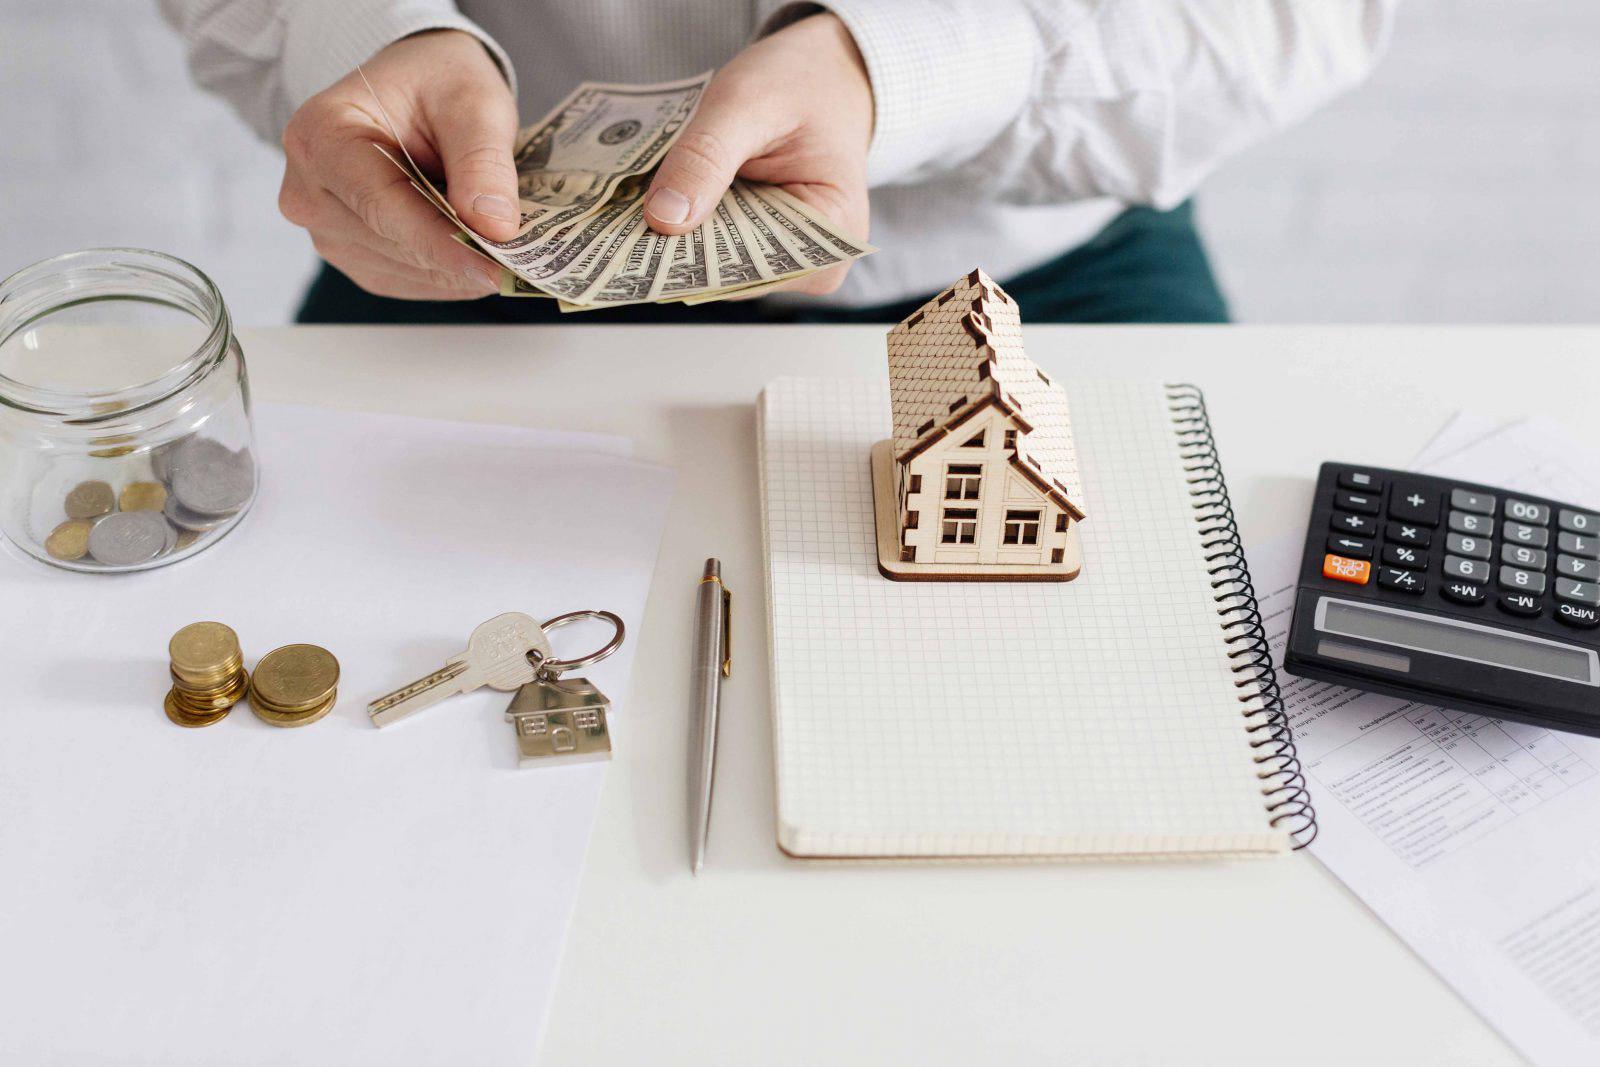 Вебинар: Ошибки предпринимателей в управлении финансами бизнеса